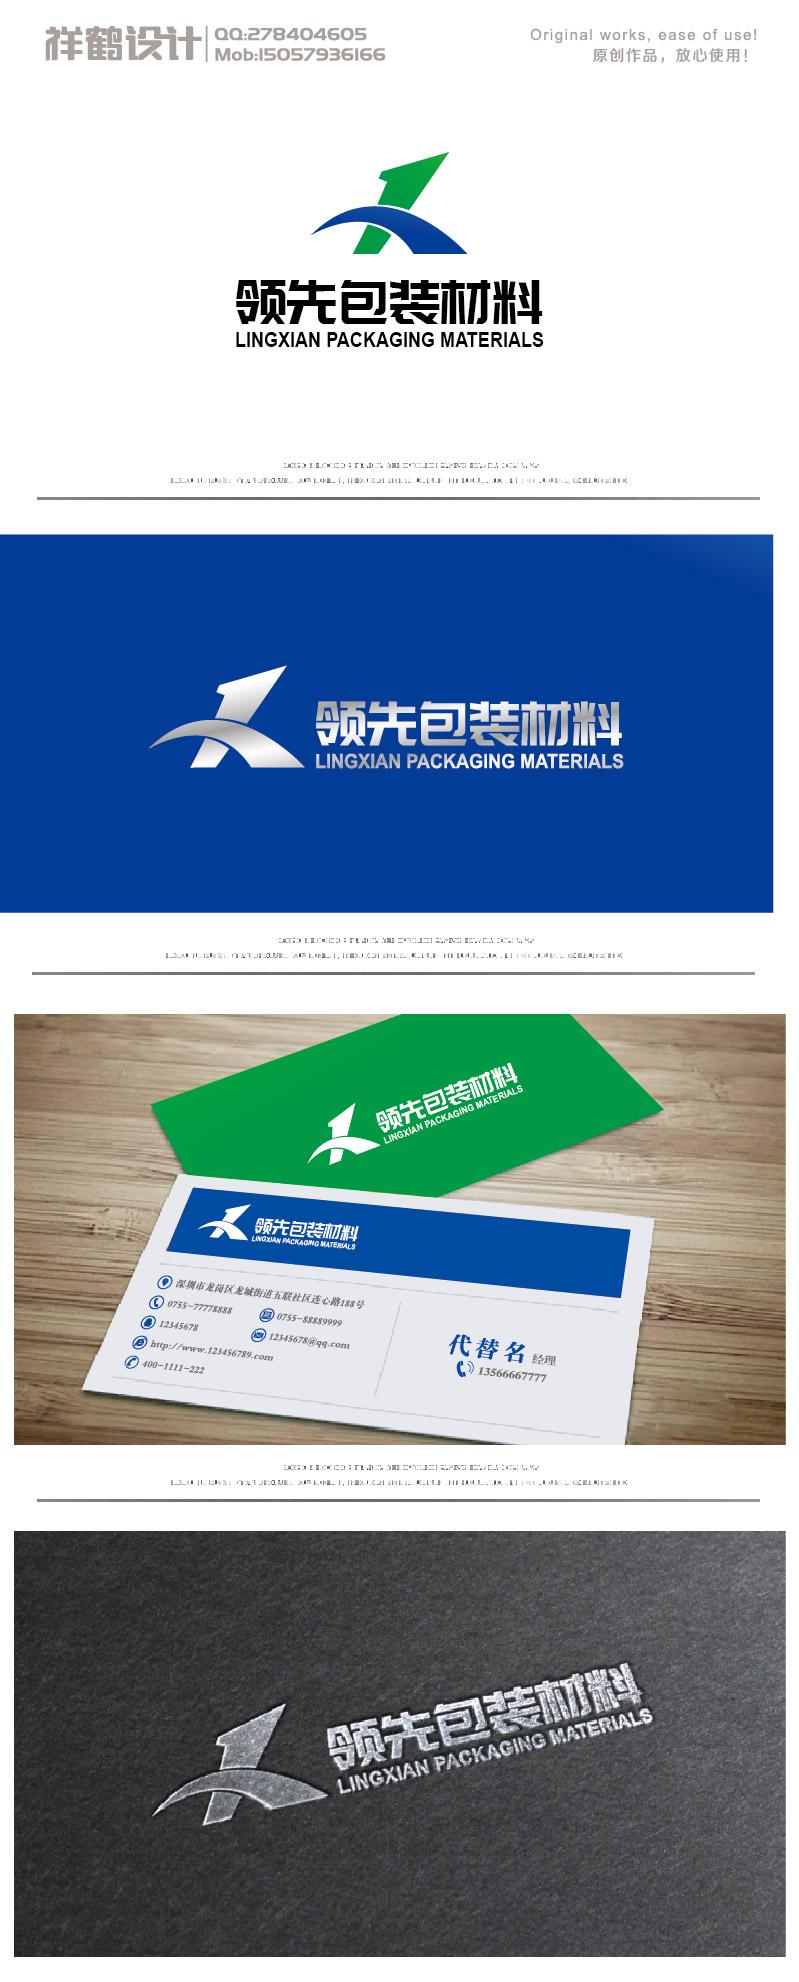 领先包装材料有限公司 logo设计_3036858_k68威客网